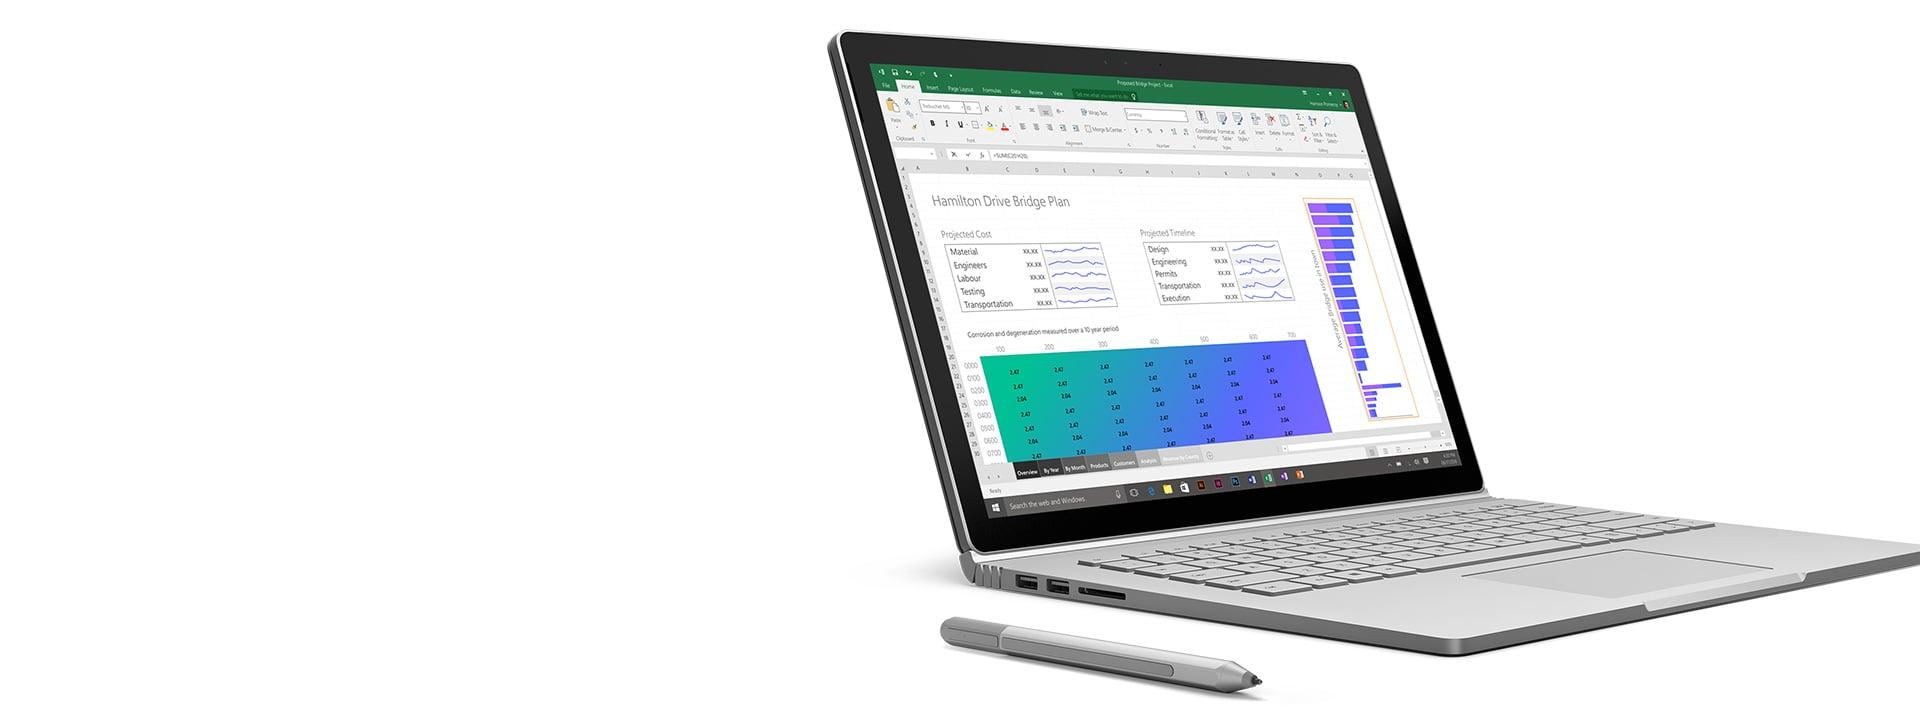 Surface Book avec Excel ouvert sur l'écran et le stylet